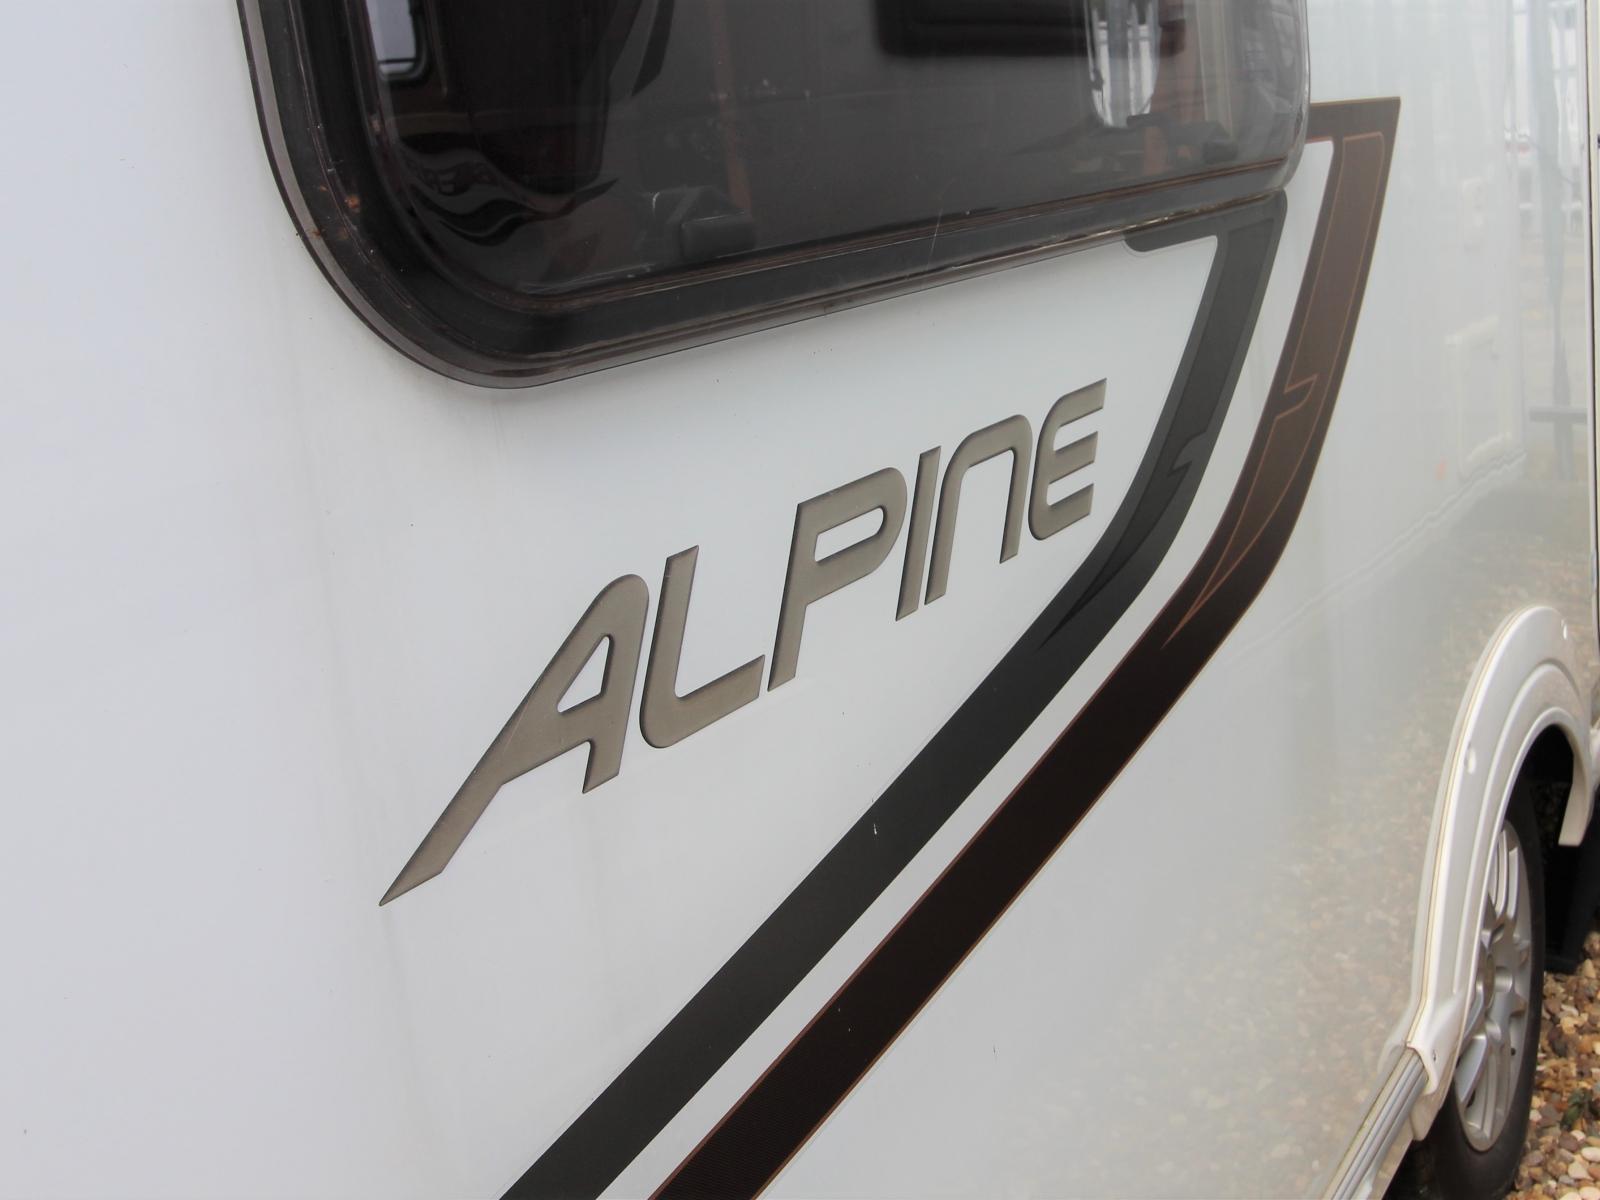 Swift Sprite Alpine 2 2010 image